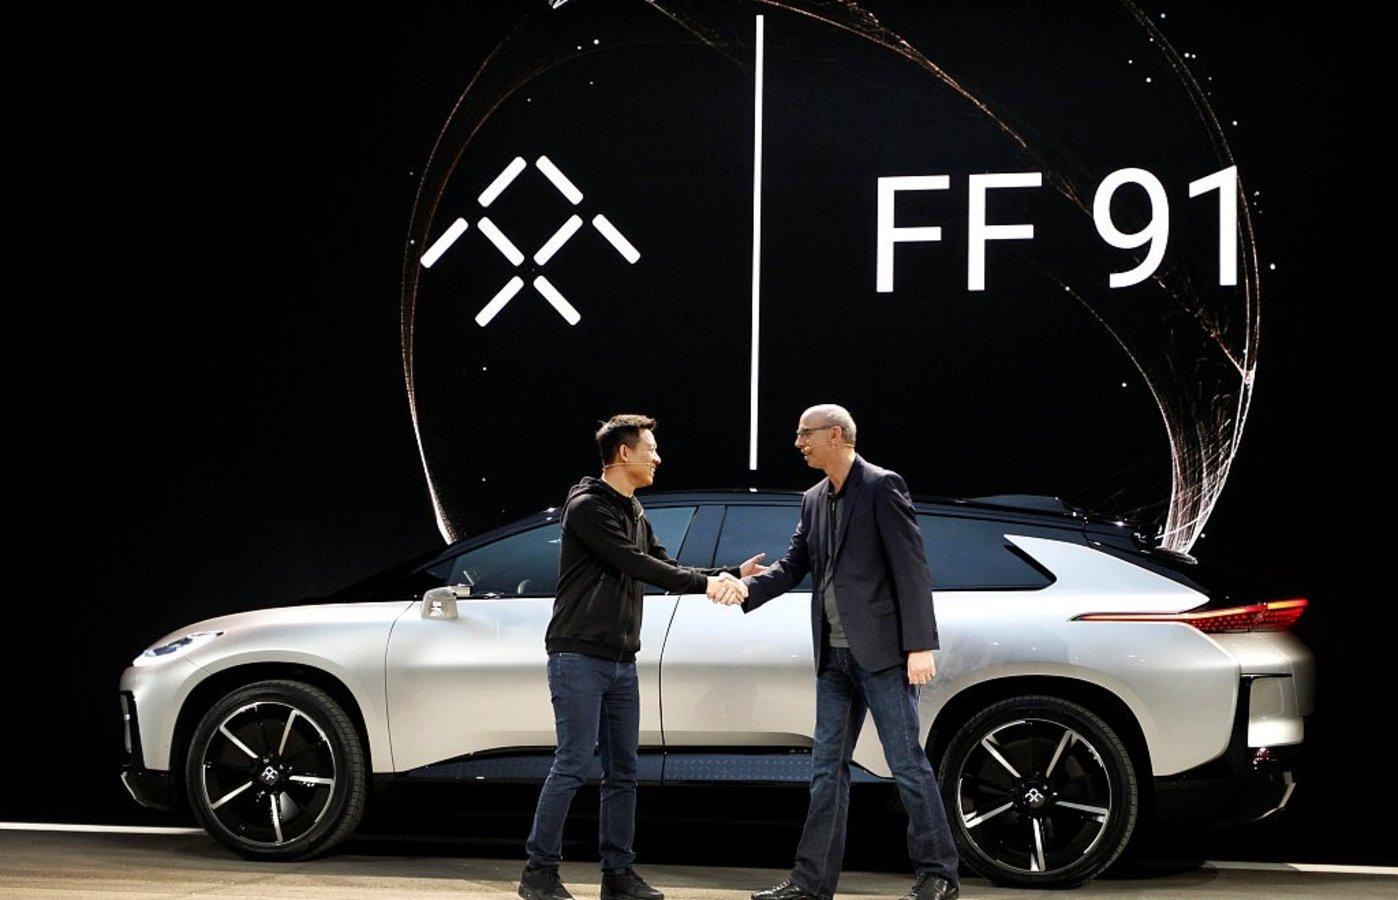 法拉第未来的贾跃亭以及该公司所发布的FF91电动汽车,图片来源@视觉中国